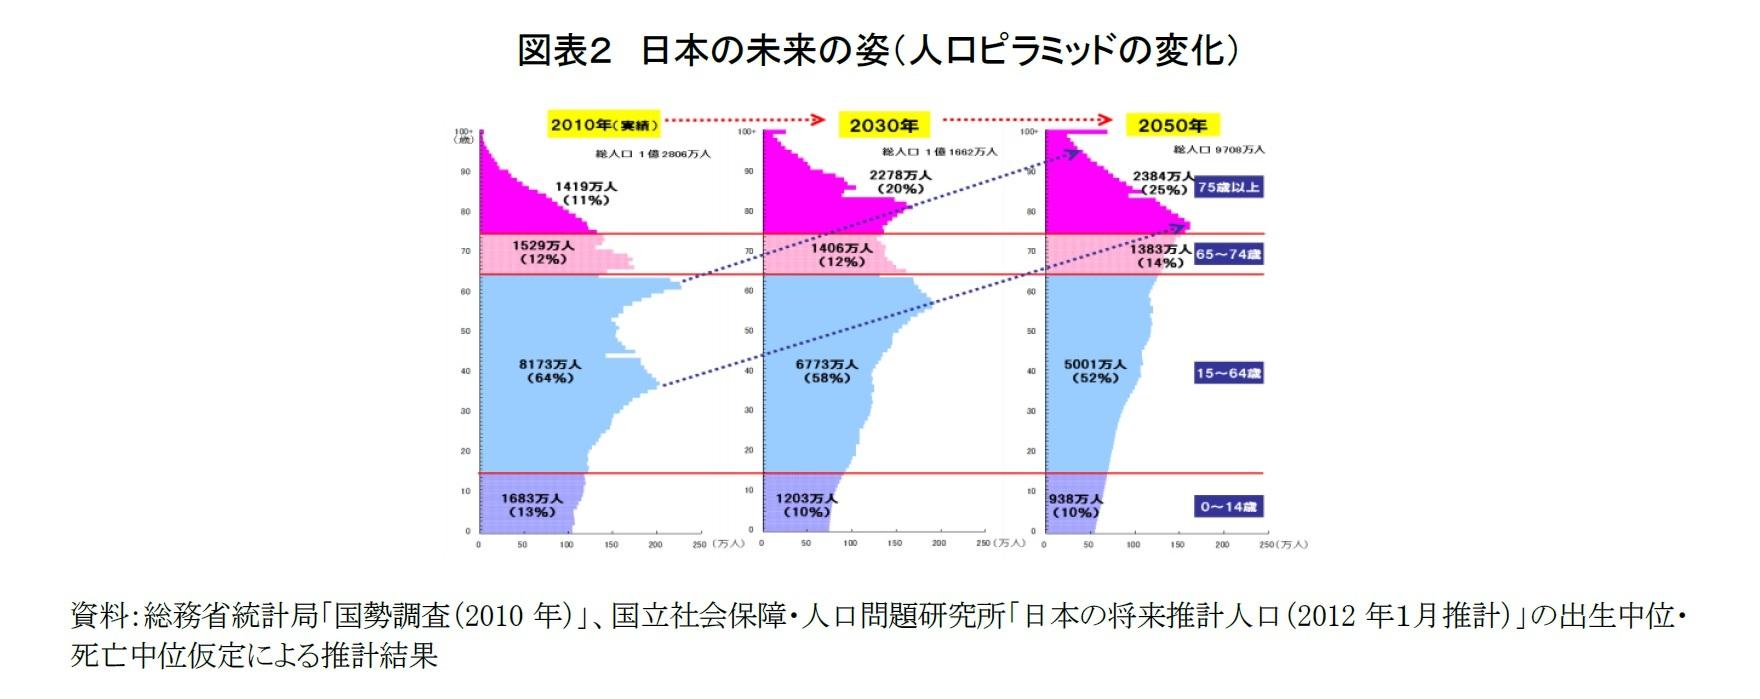 図表2 日本の未来の姿(人口ピラミッドの変化)